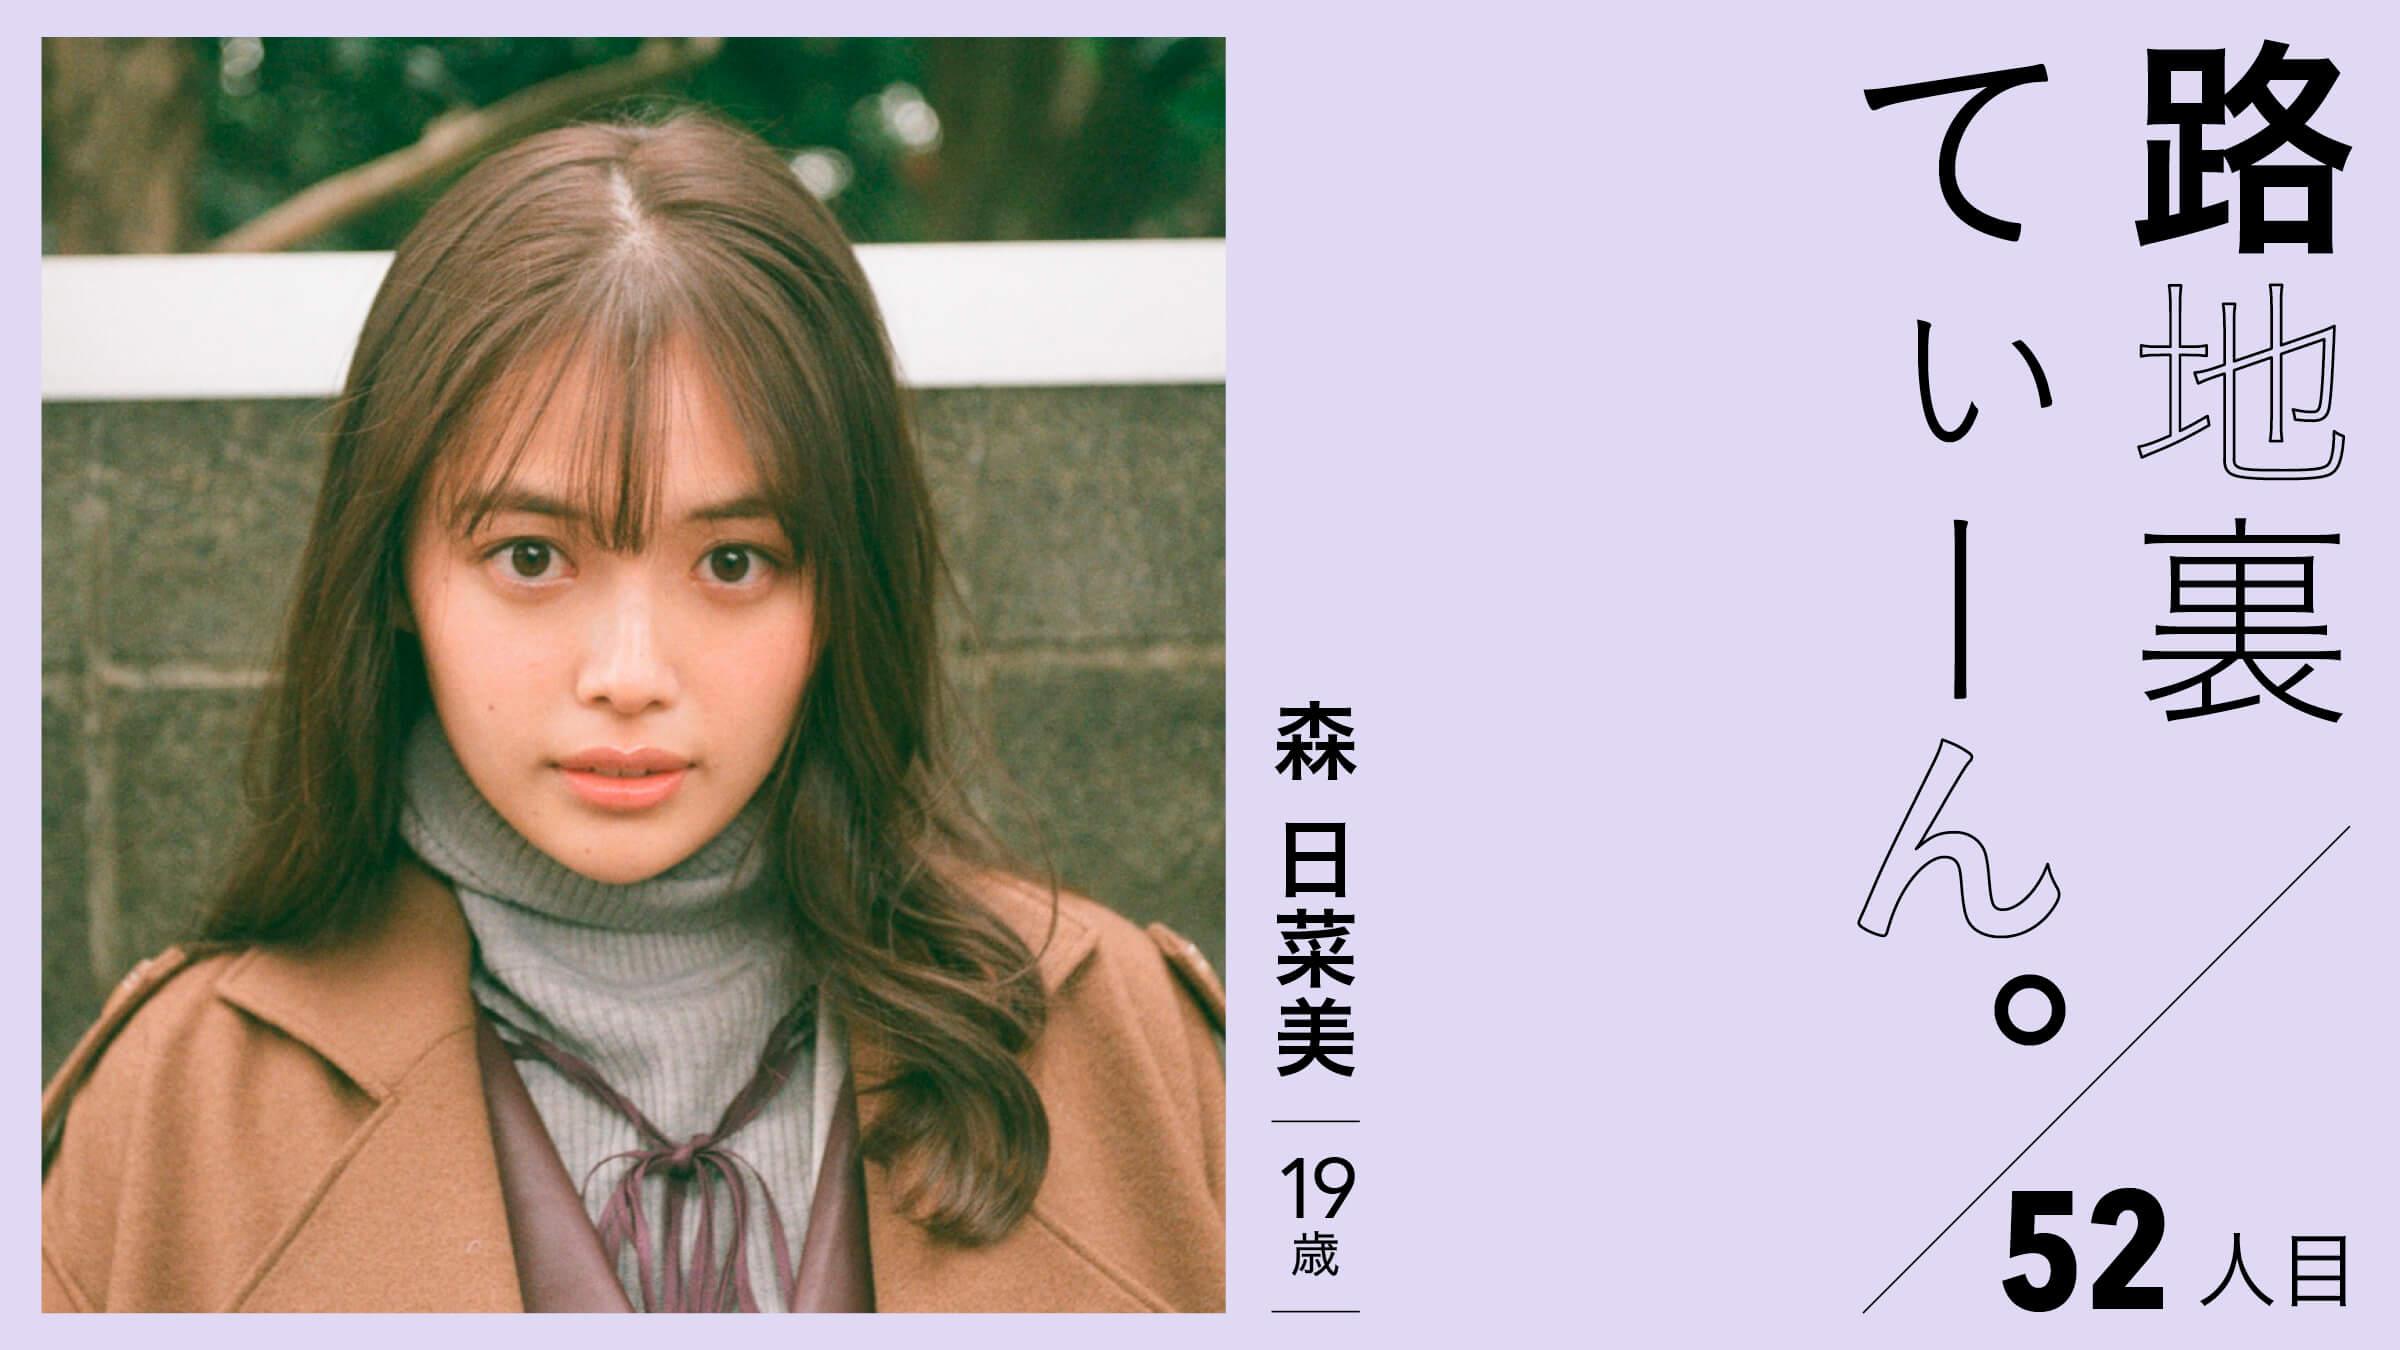 路地裏てぃーん。52人目 森 日菜美 19歳